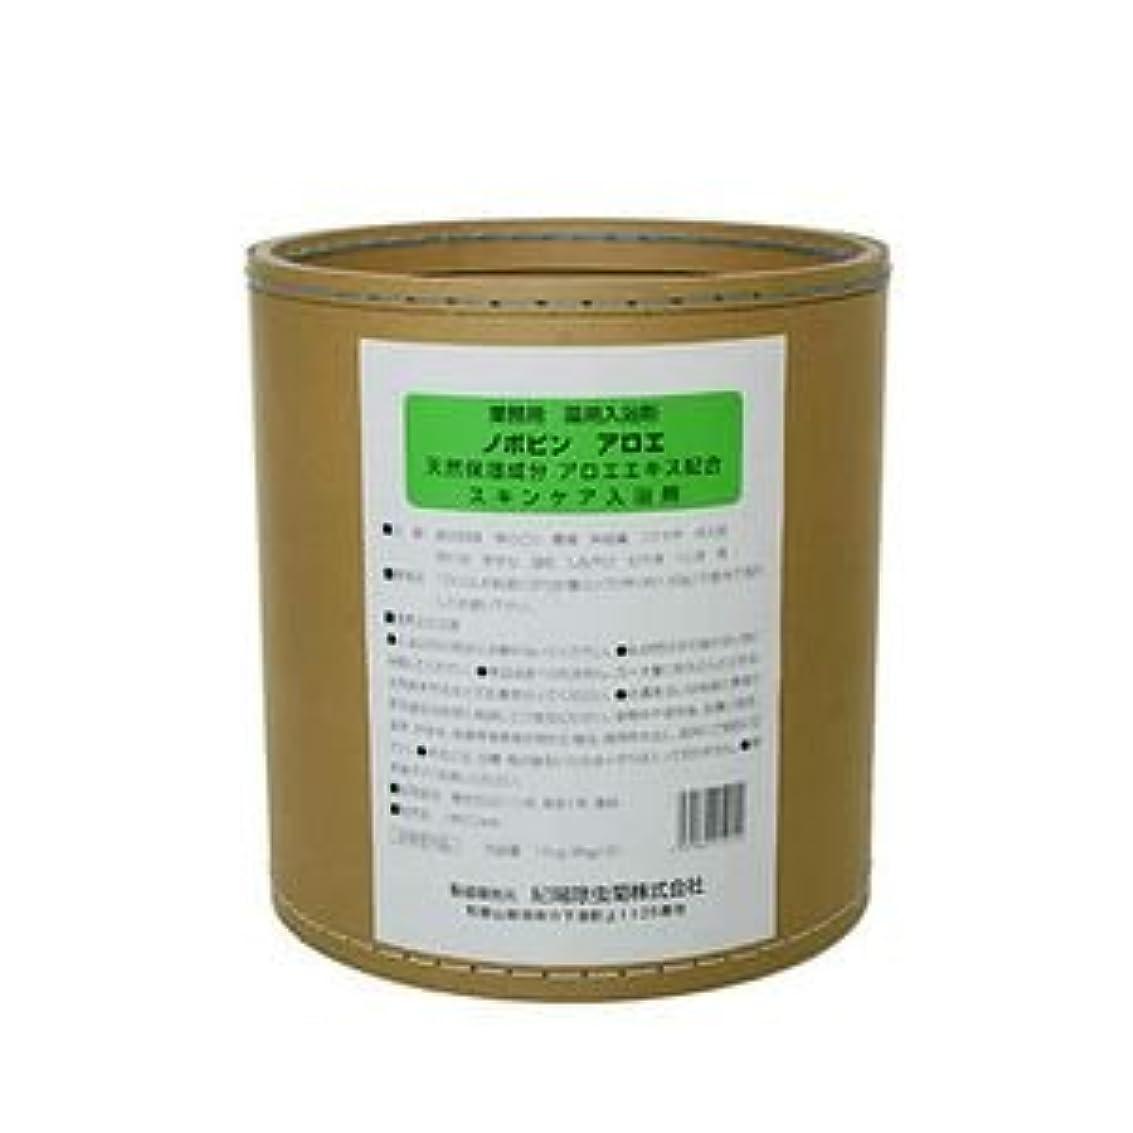 規則性トムオードリース突進業務用 ノボピン アロエ 8kg*2